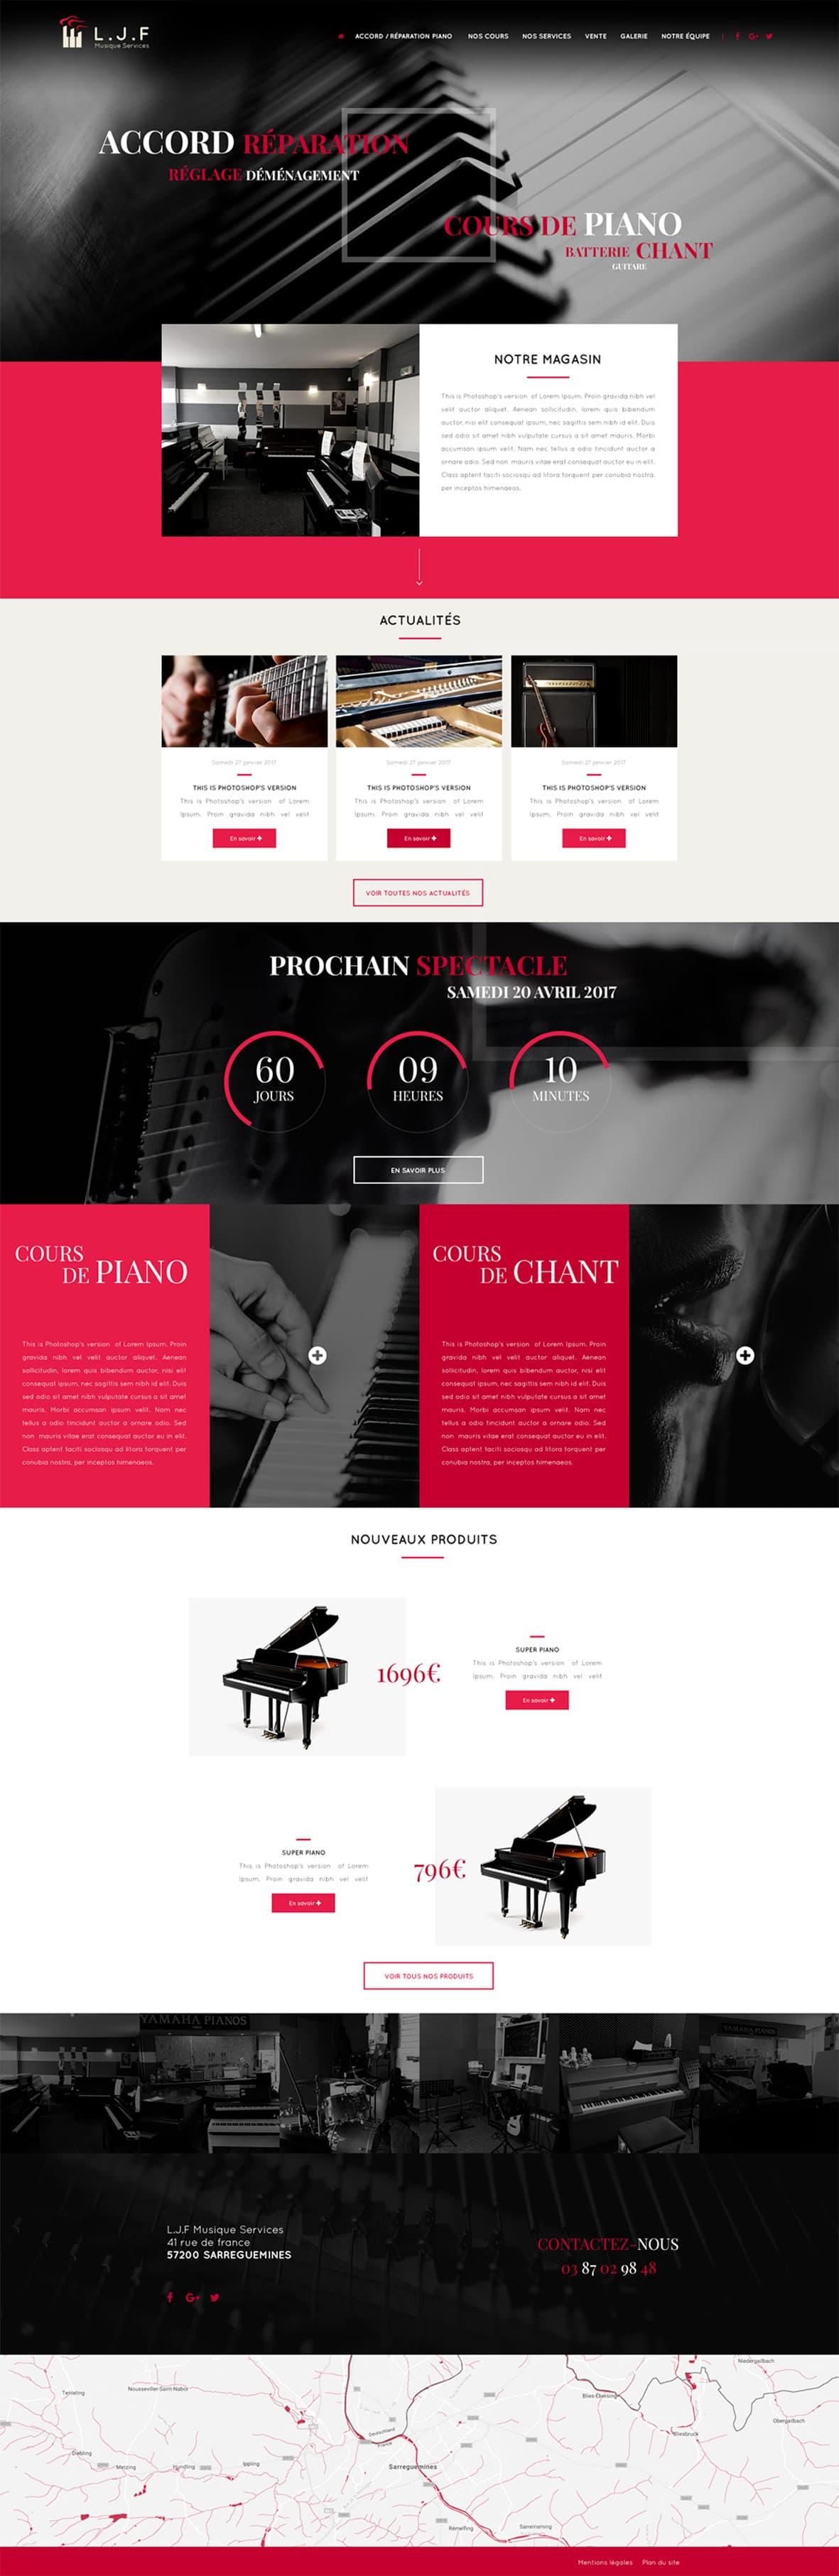 Site internet de LJF Musique Services